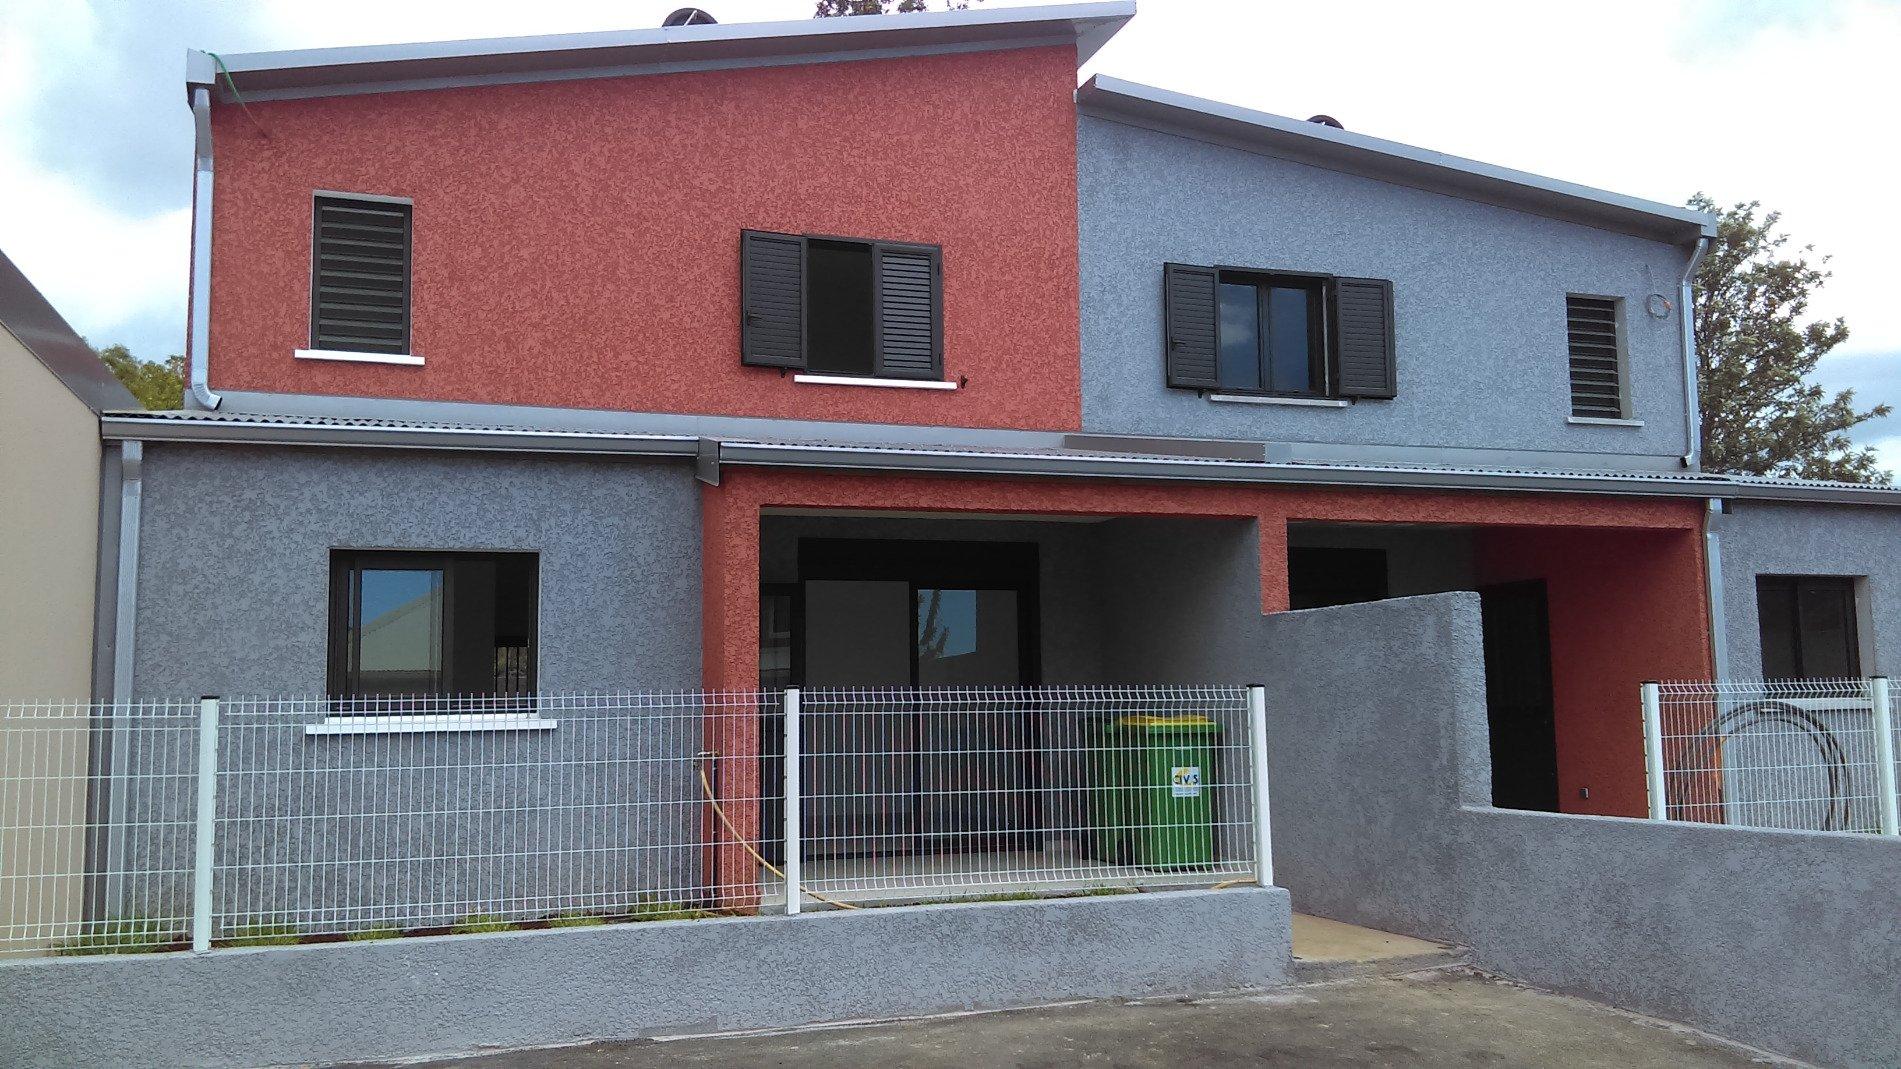 Achat maison saint pierre 97410 r union sud r f m 2827 bc for Achat maison sud